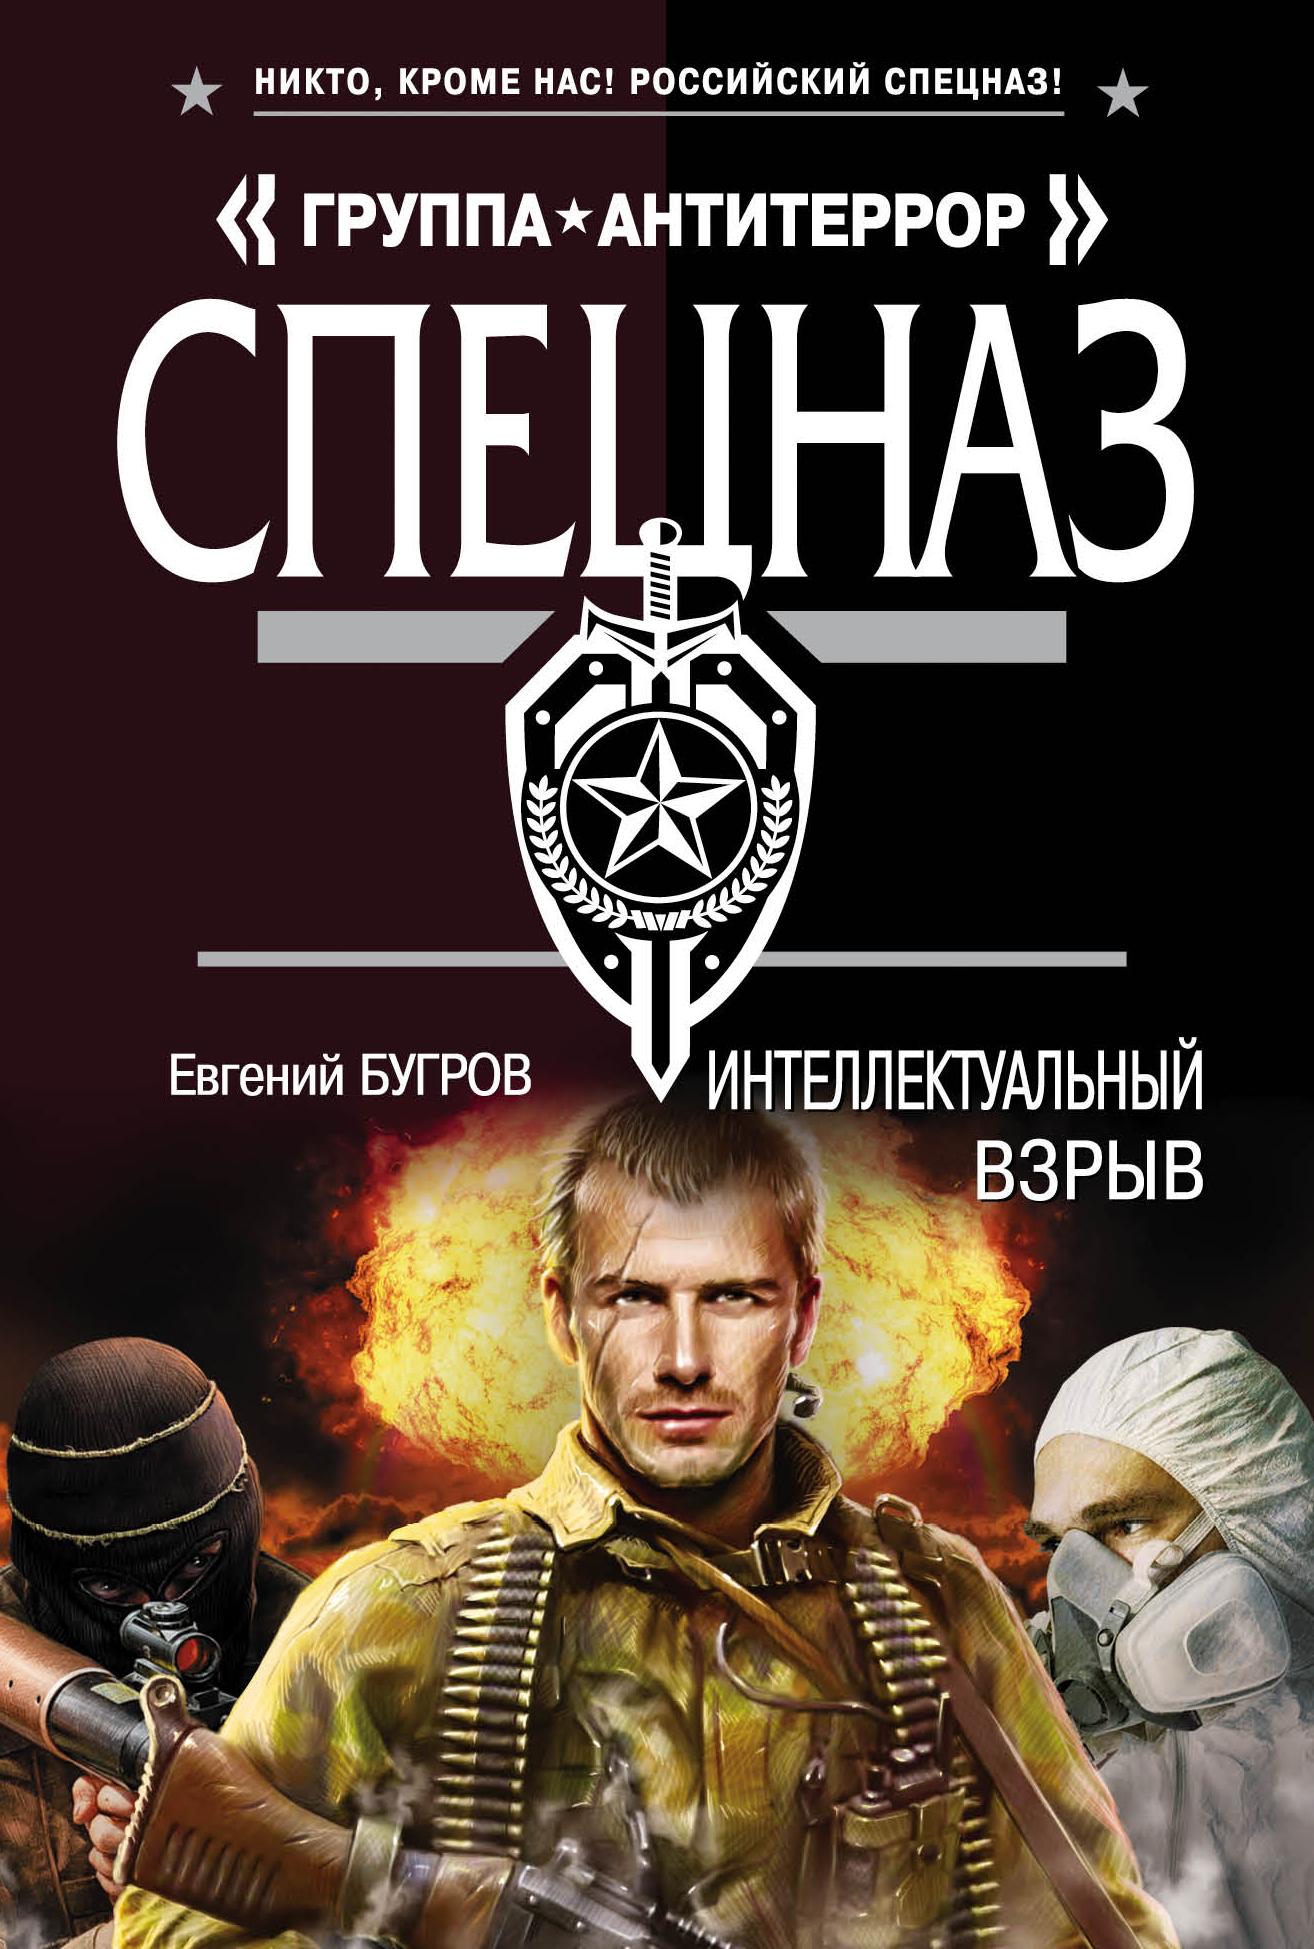 Зверев Сергей Иванович Интеллектуальный взрыв